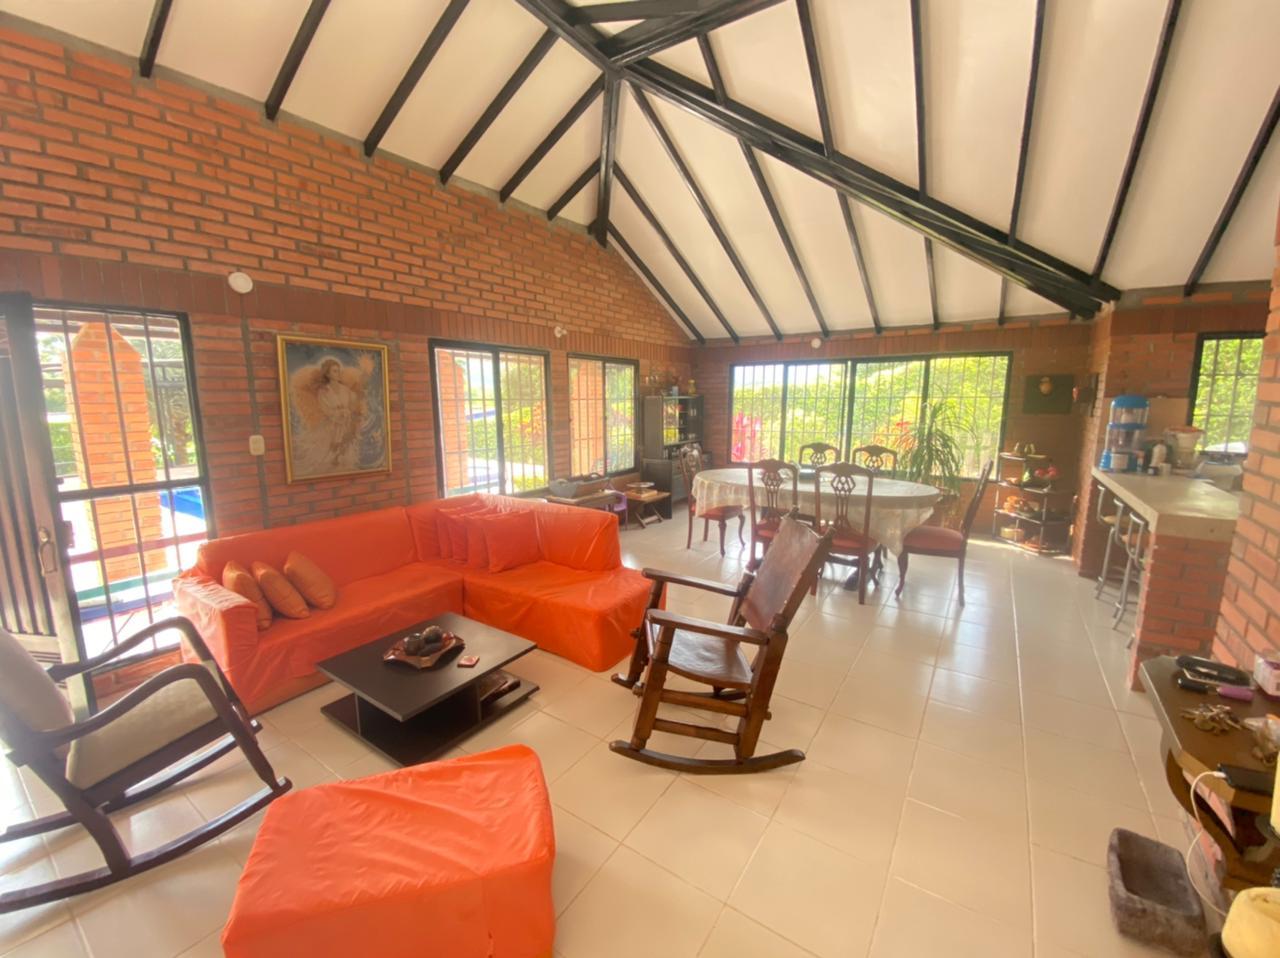 CÑVOC-0070 Se vende hermosa cabaña en Santágueda, sector turístico de Caldas.